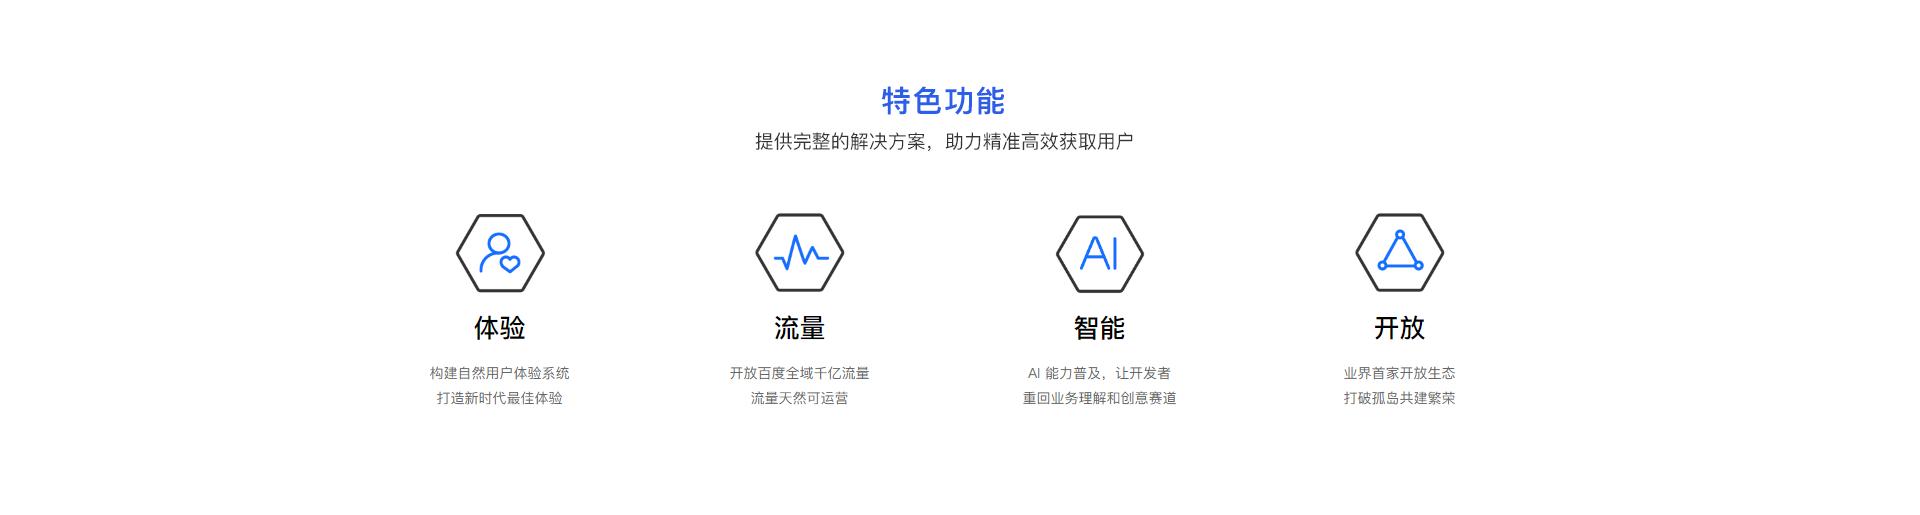 淄博百度智能小程序公司